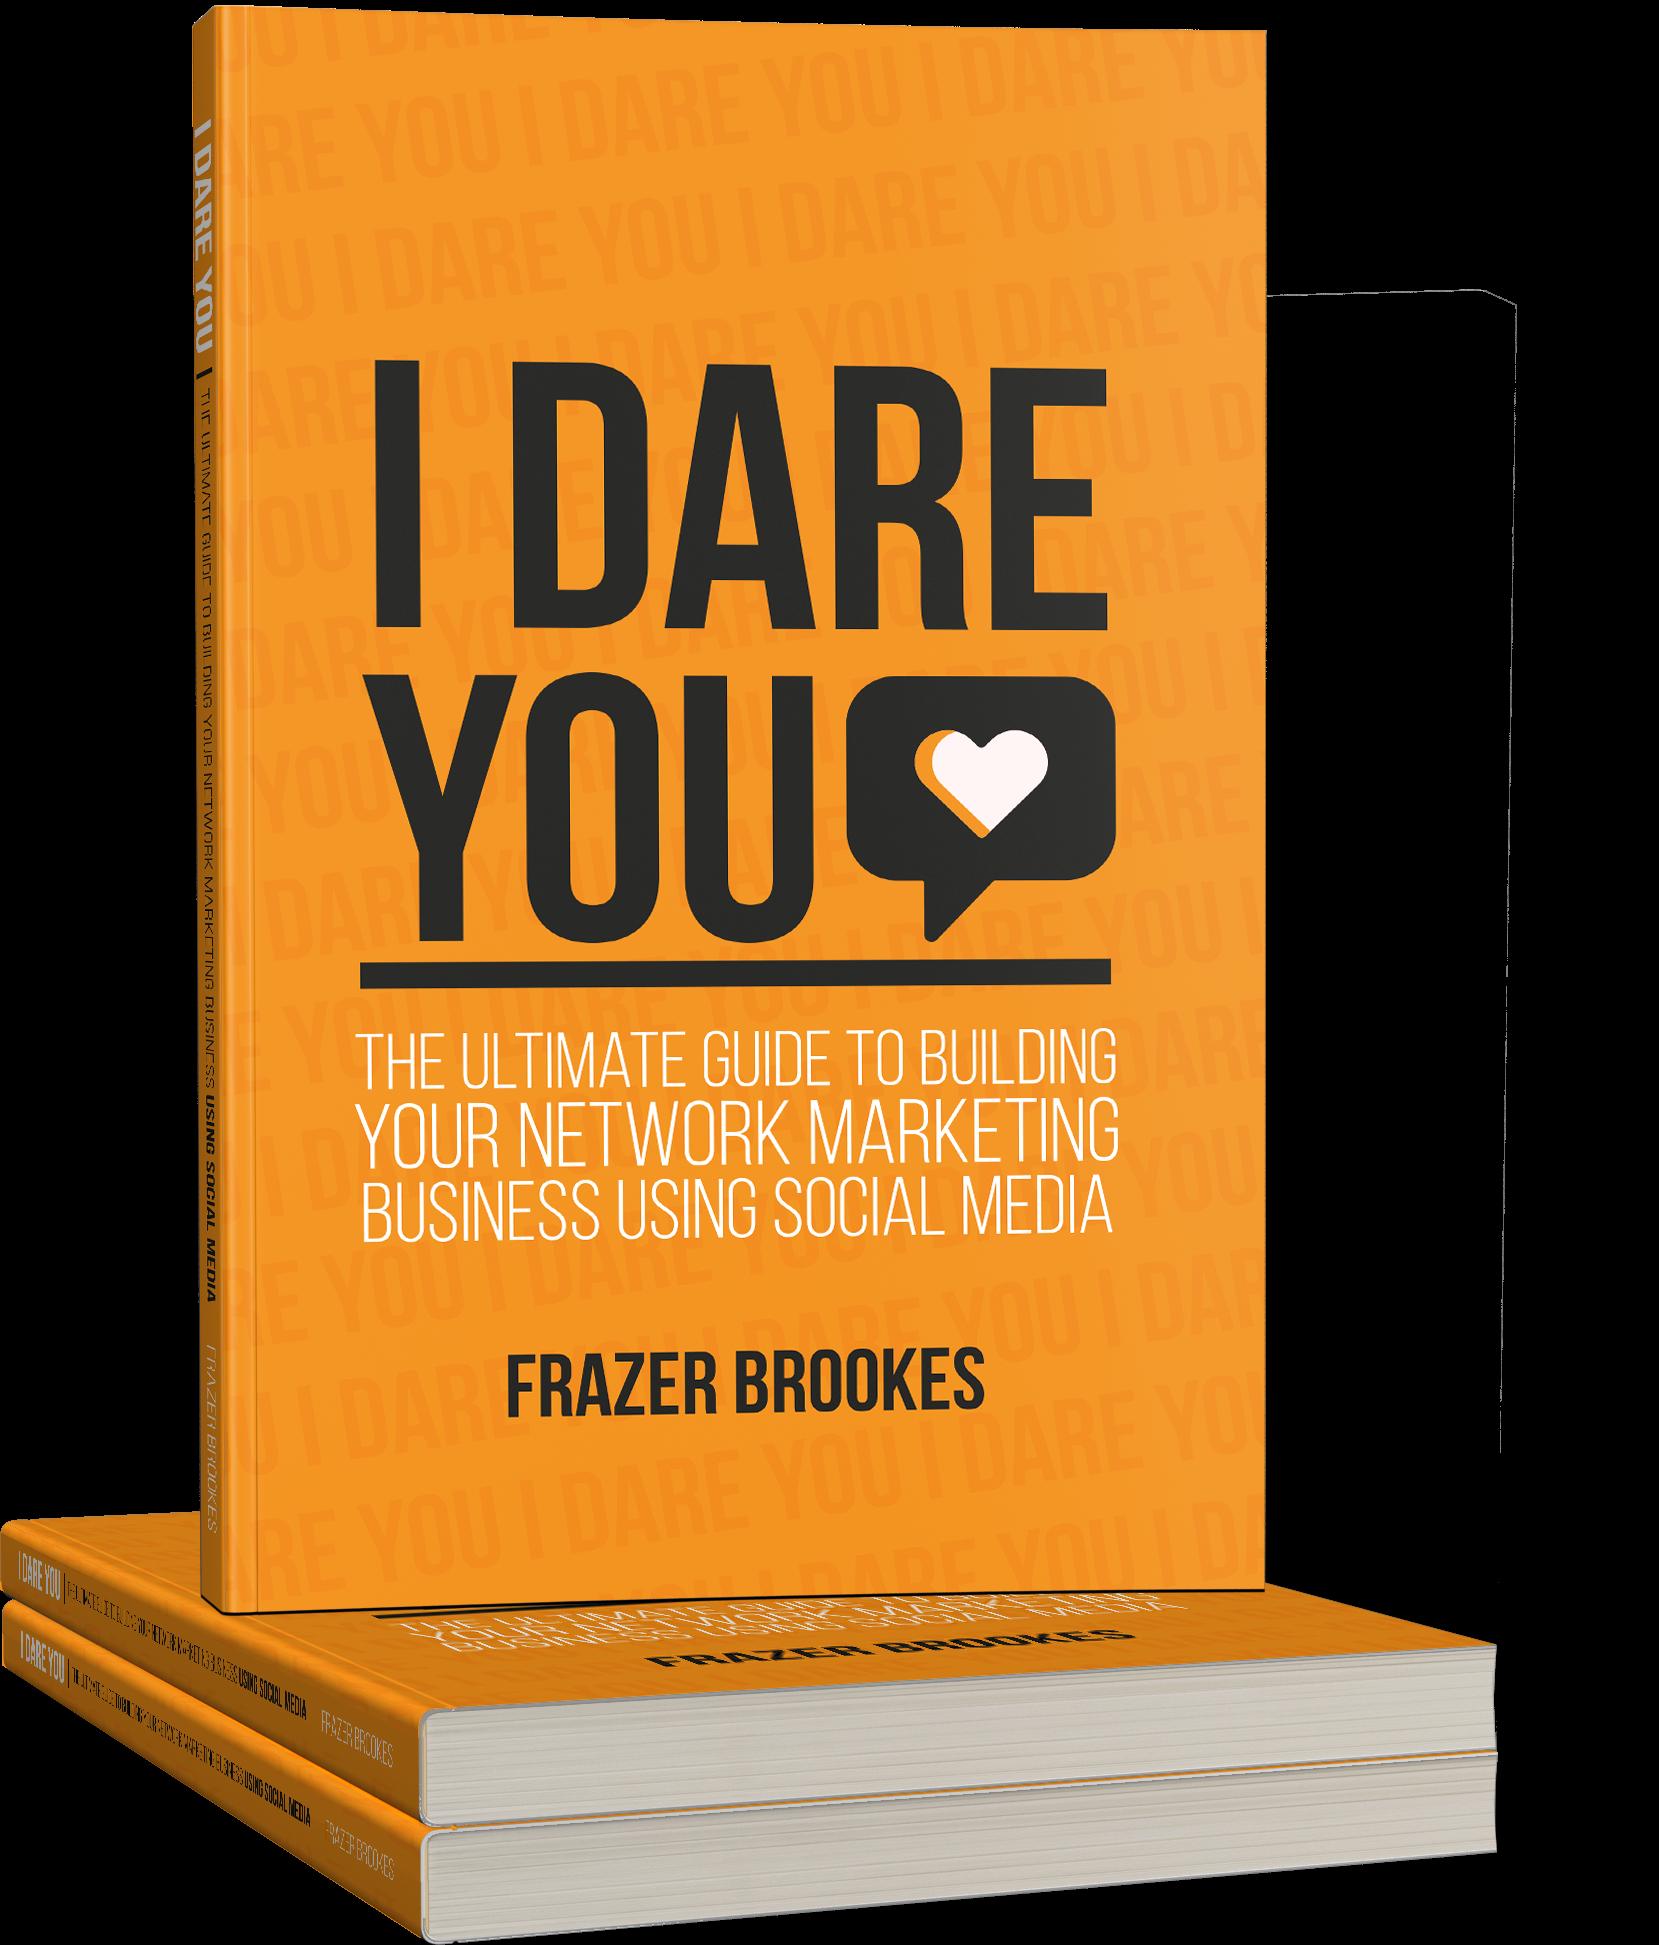 19+ I dare you book frazer brookes ideas in 2021